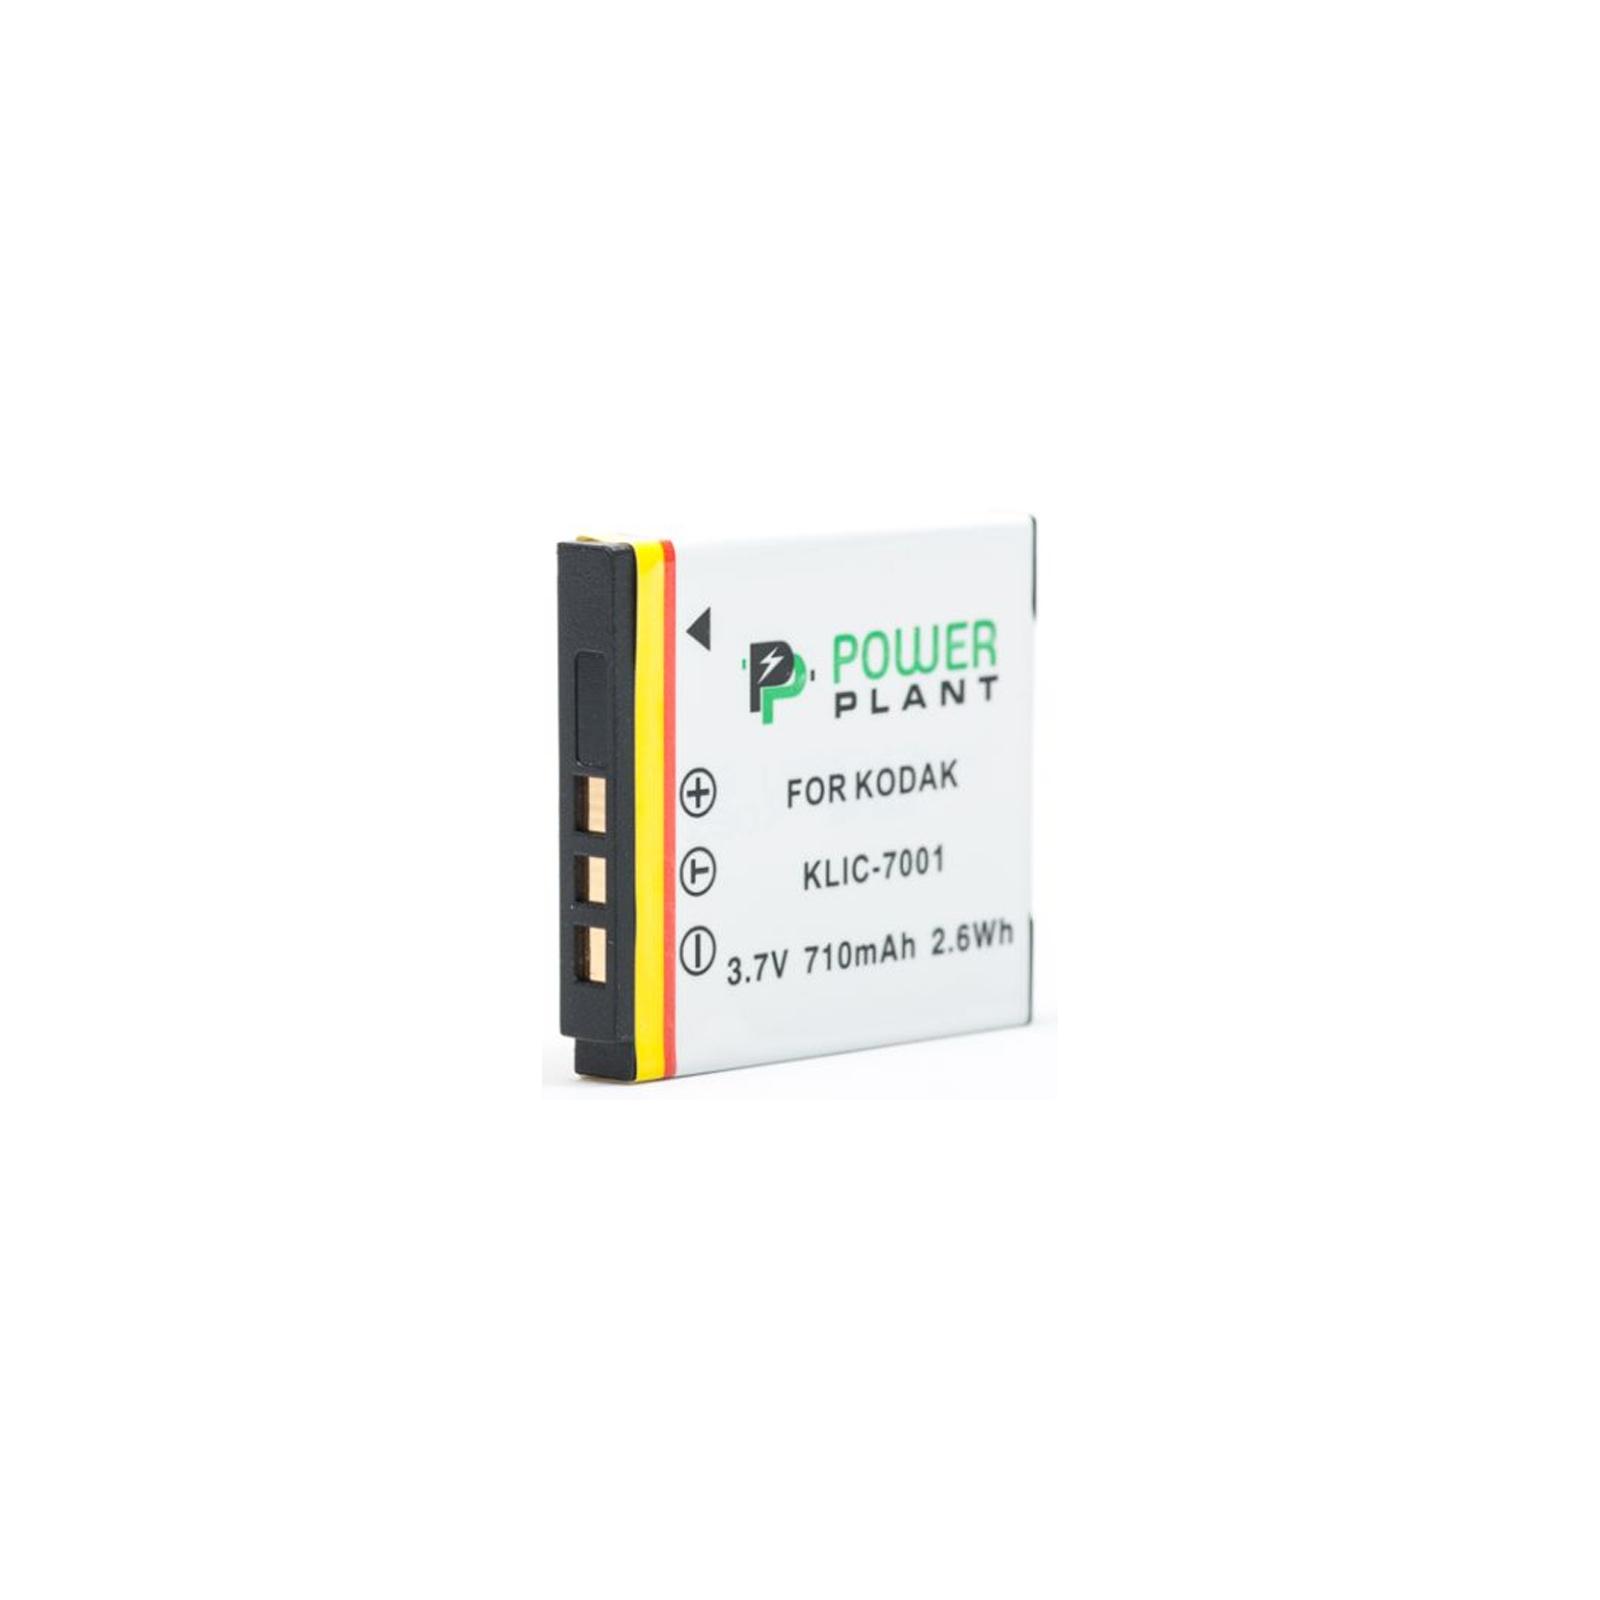 Аккумулятор к фото/видео PowerPlant Kodak KLIC-7001 (DV00DV1153)